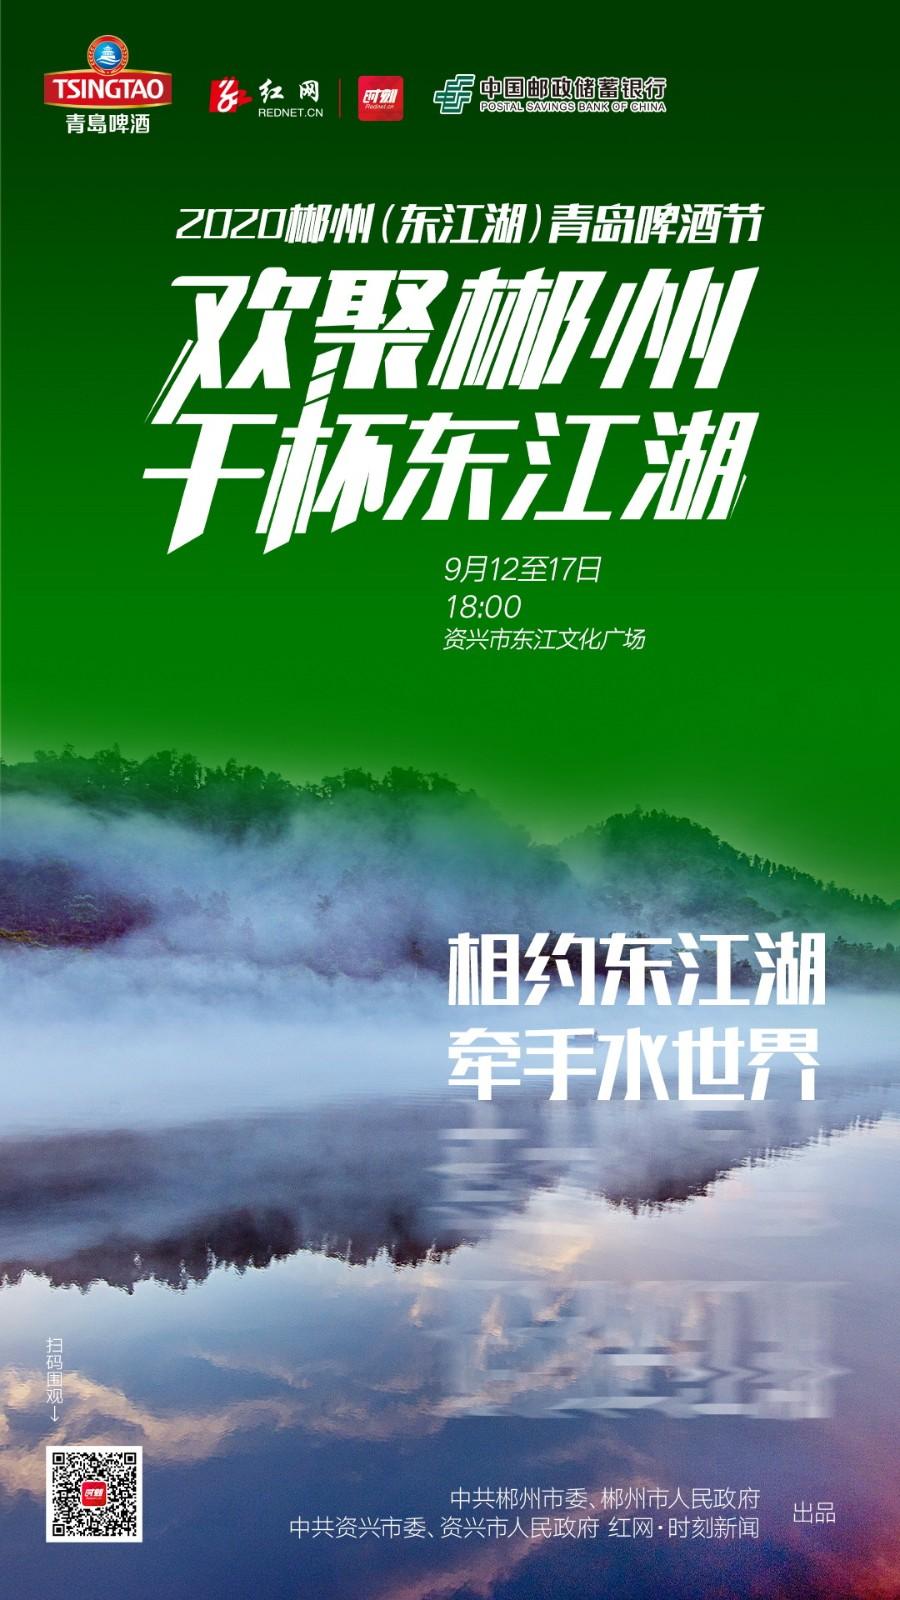 20200904欢聚郴州干杯东江湖海报设计稿003.jpg